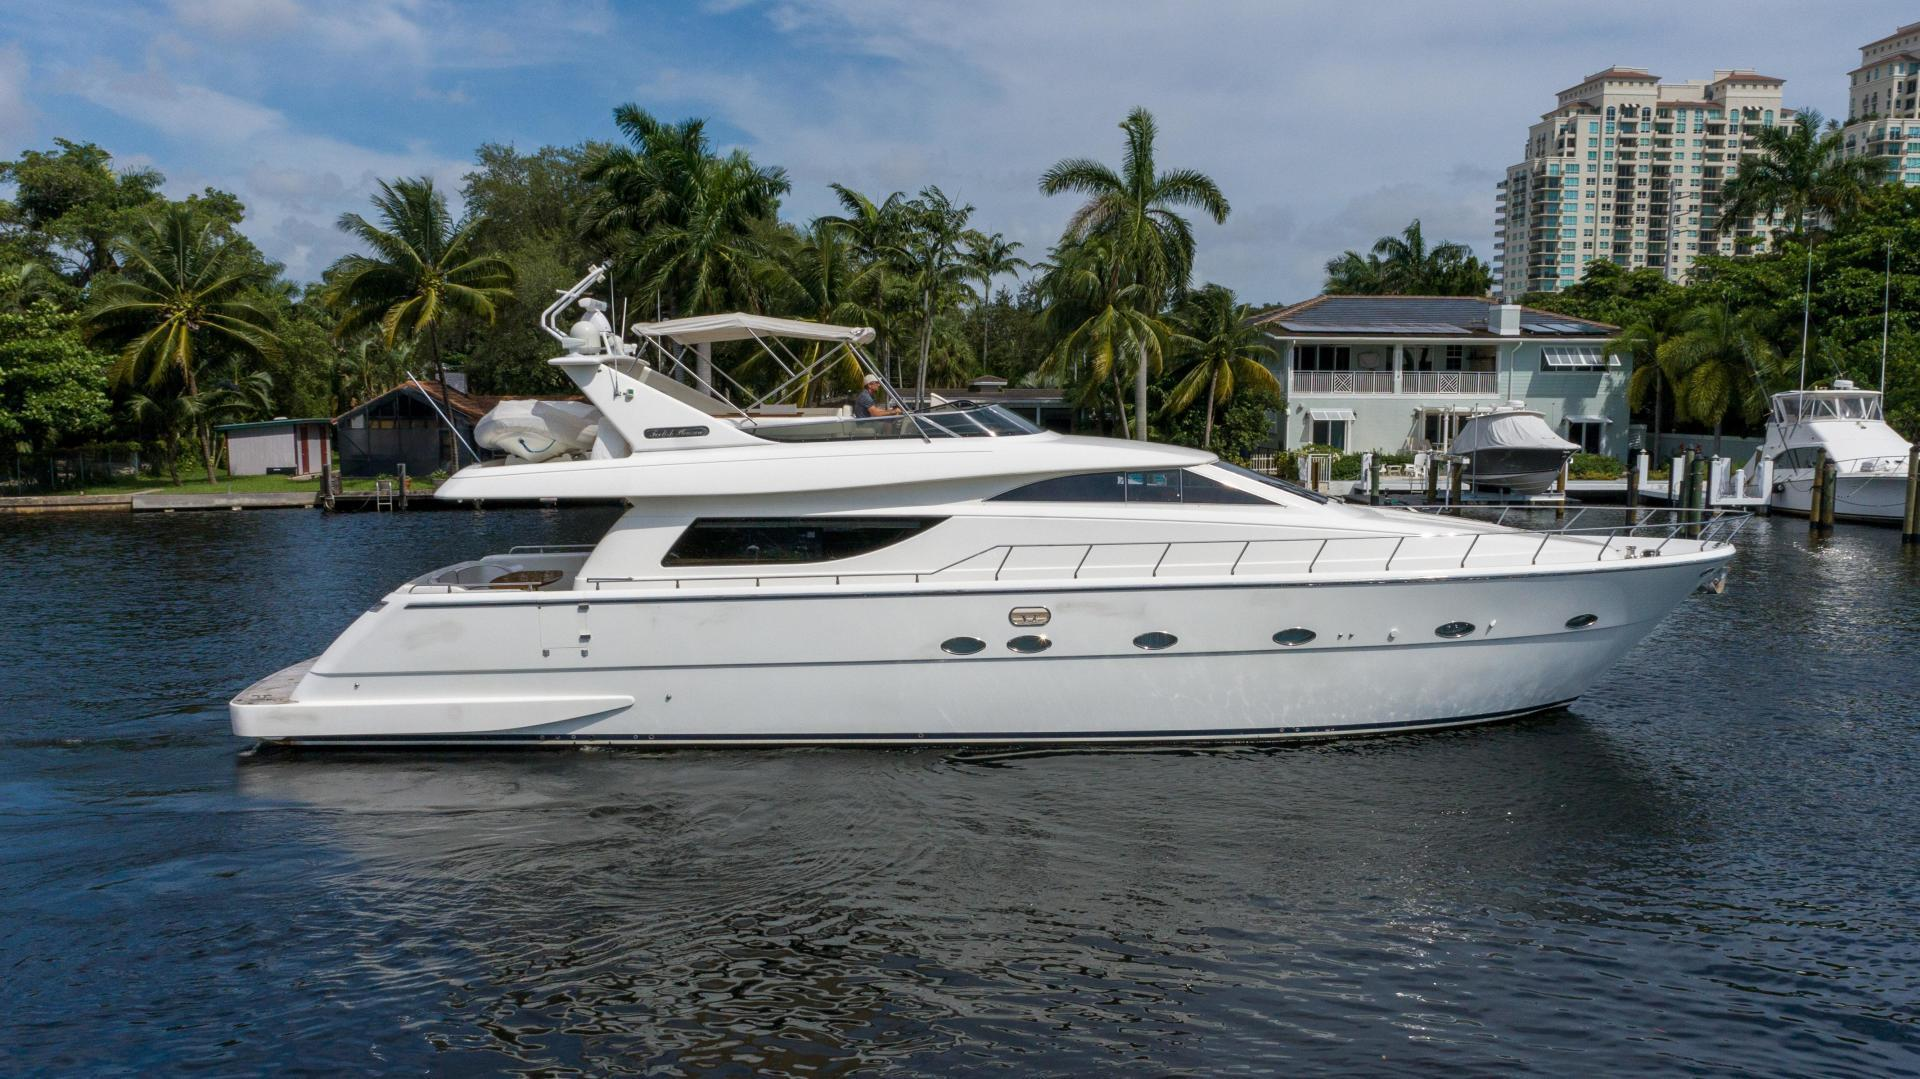 Uniesse-MY 2001-Foolish Pleasure Fort Lauderdale-Florida-United States-1510465 | Thumbnail